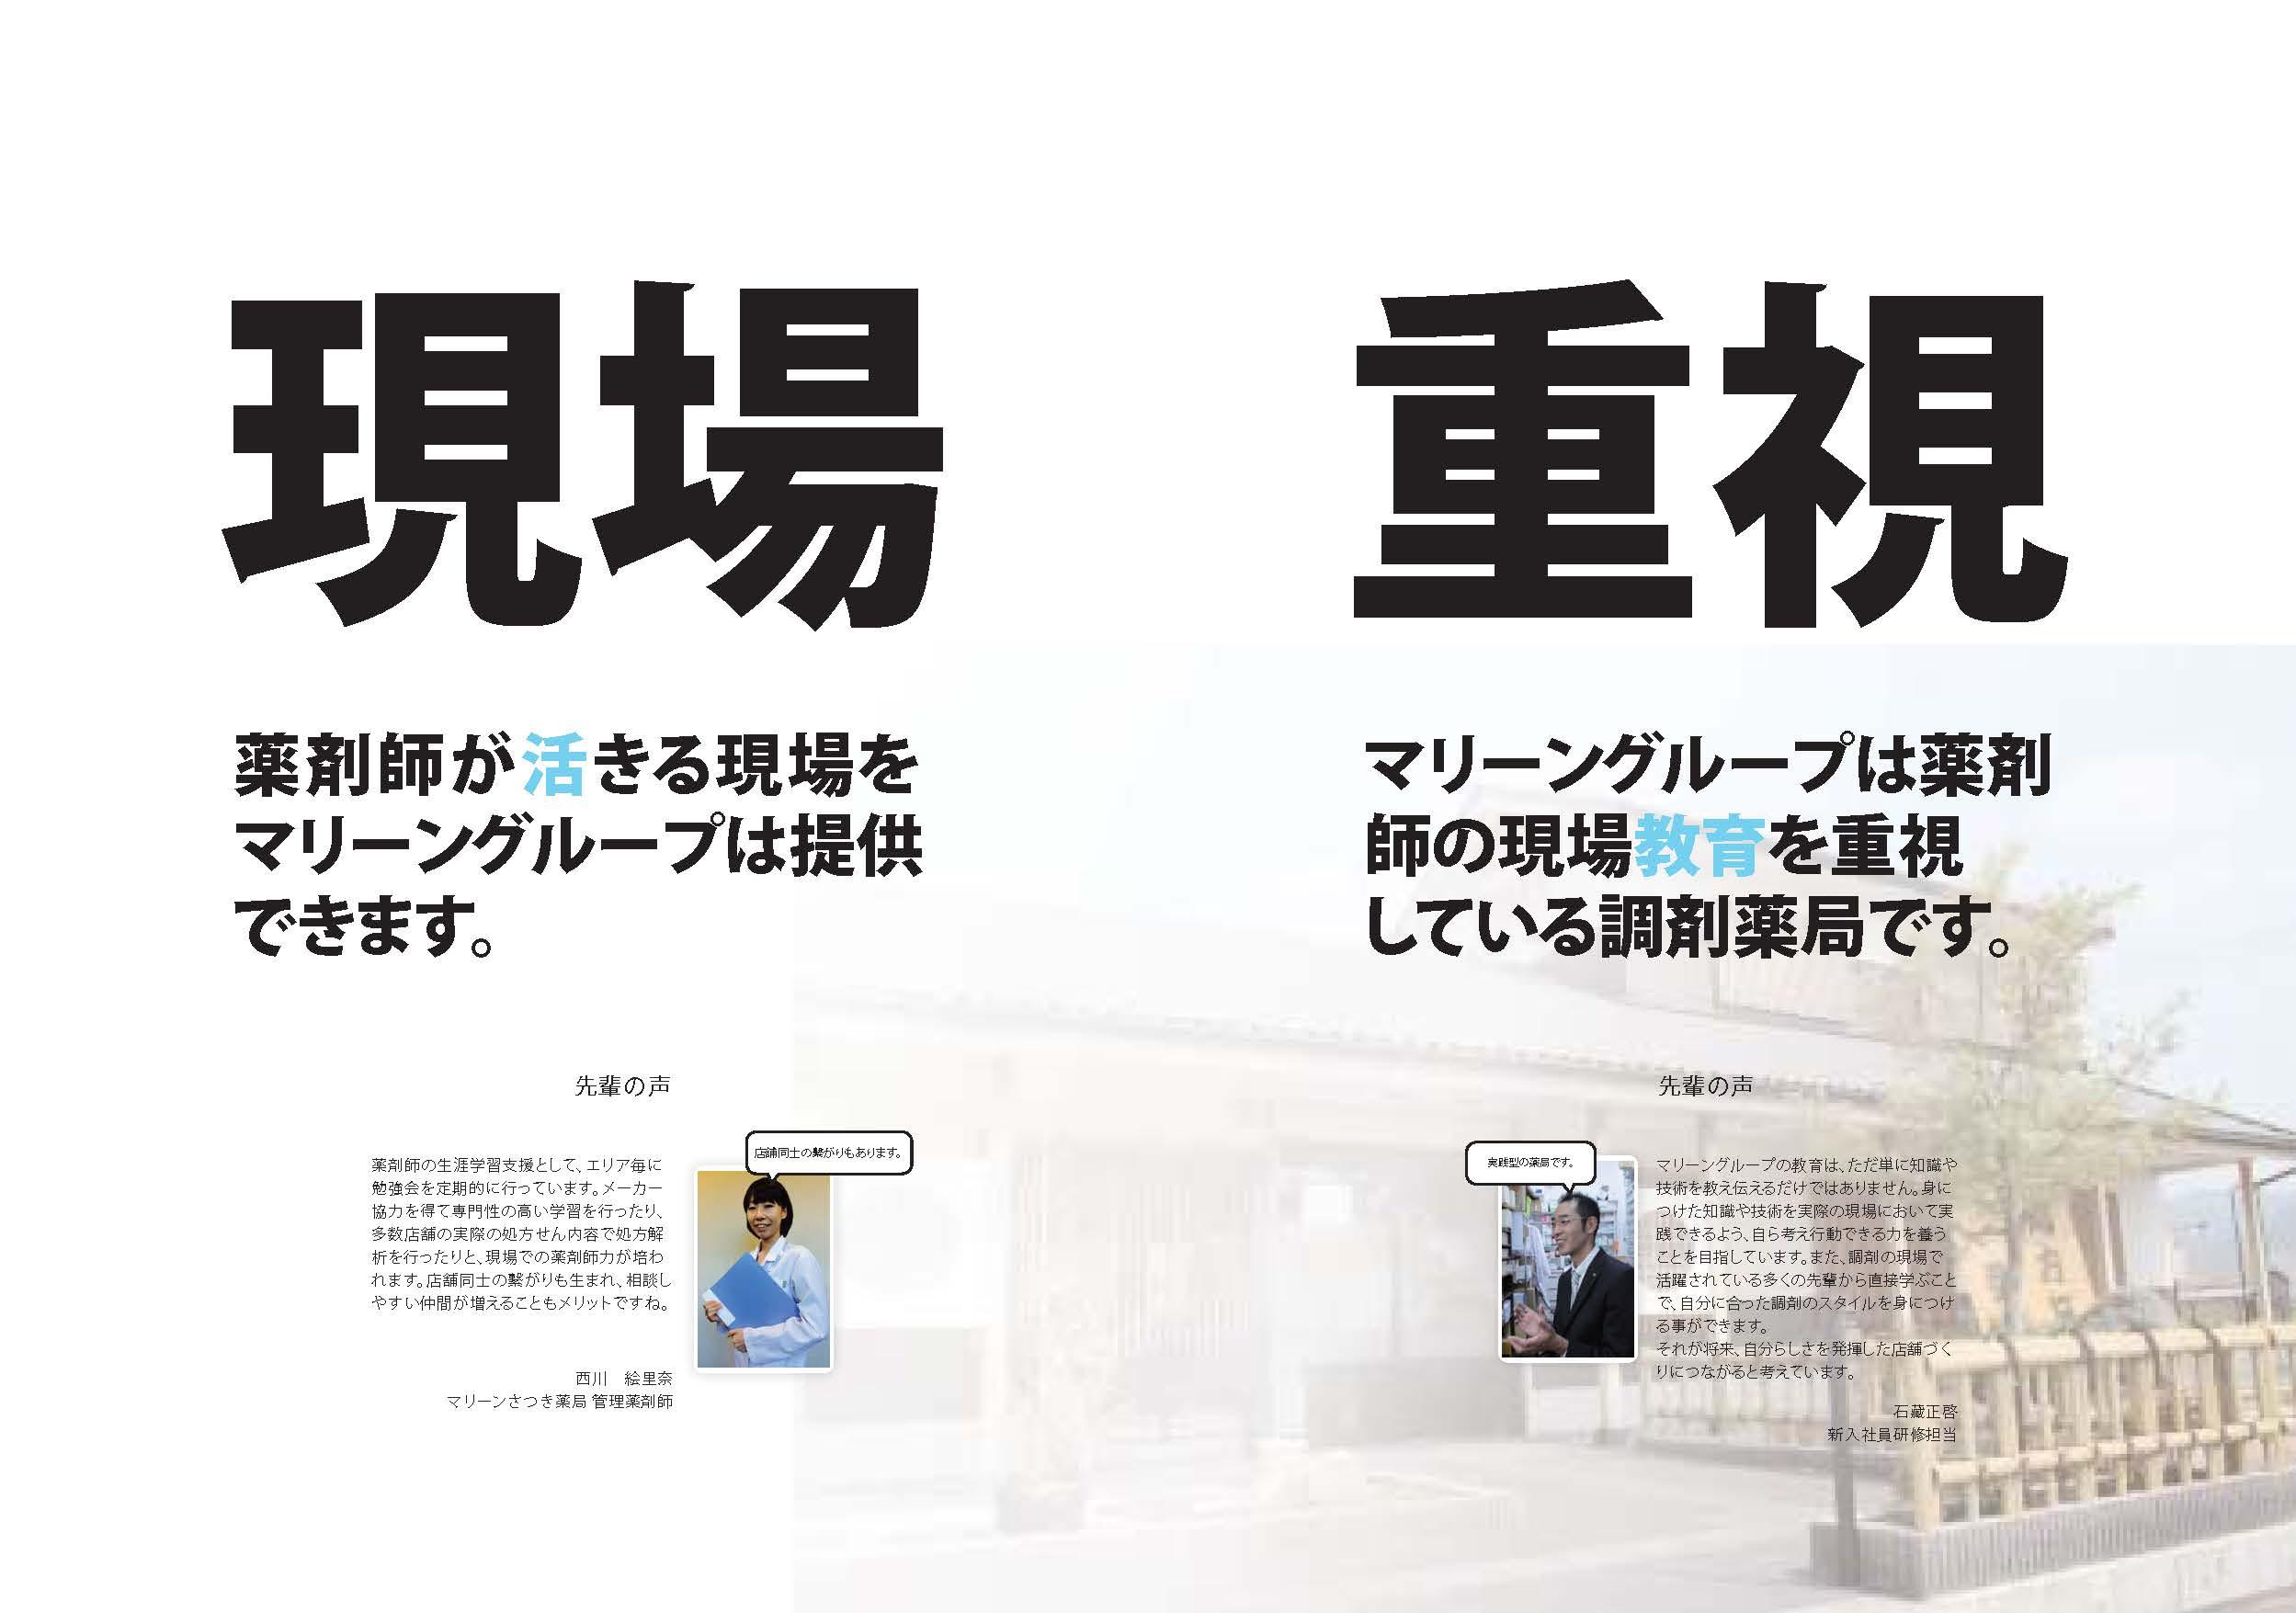 マリーングループ御中_パンフレットデザイン_20150126_ページ_2